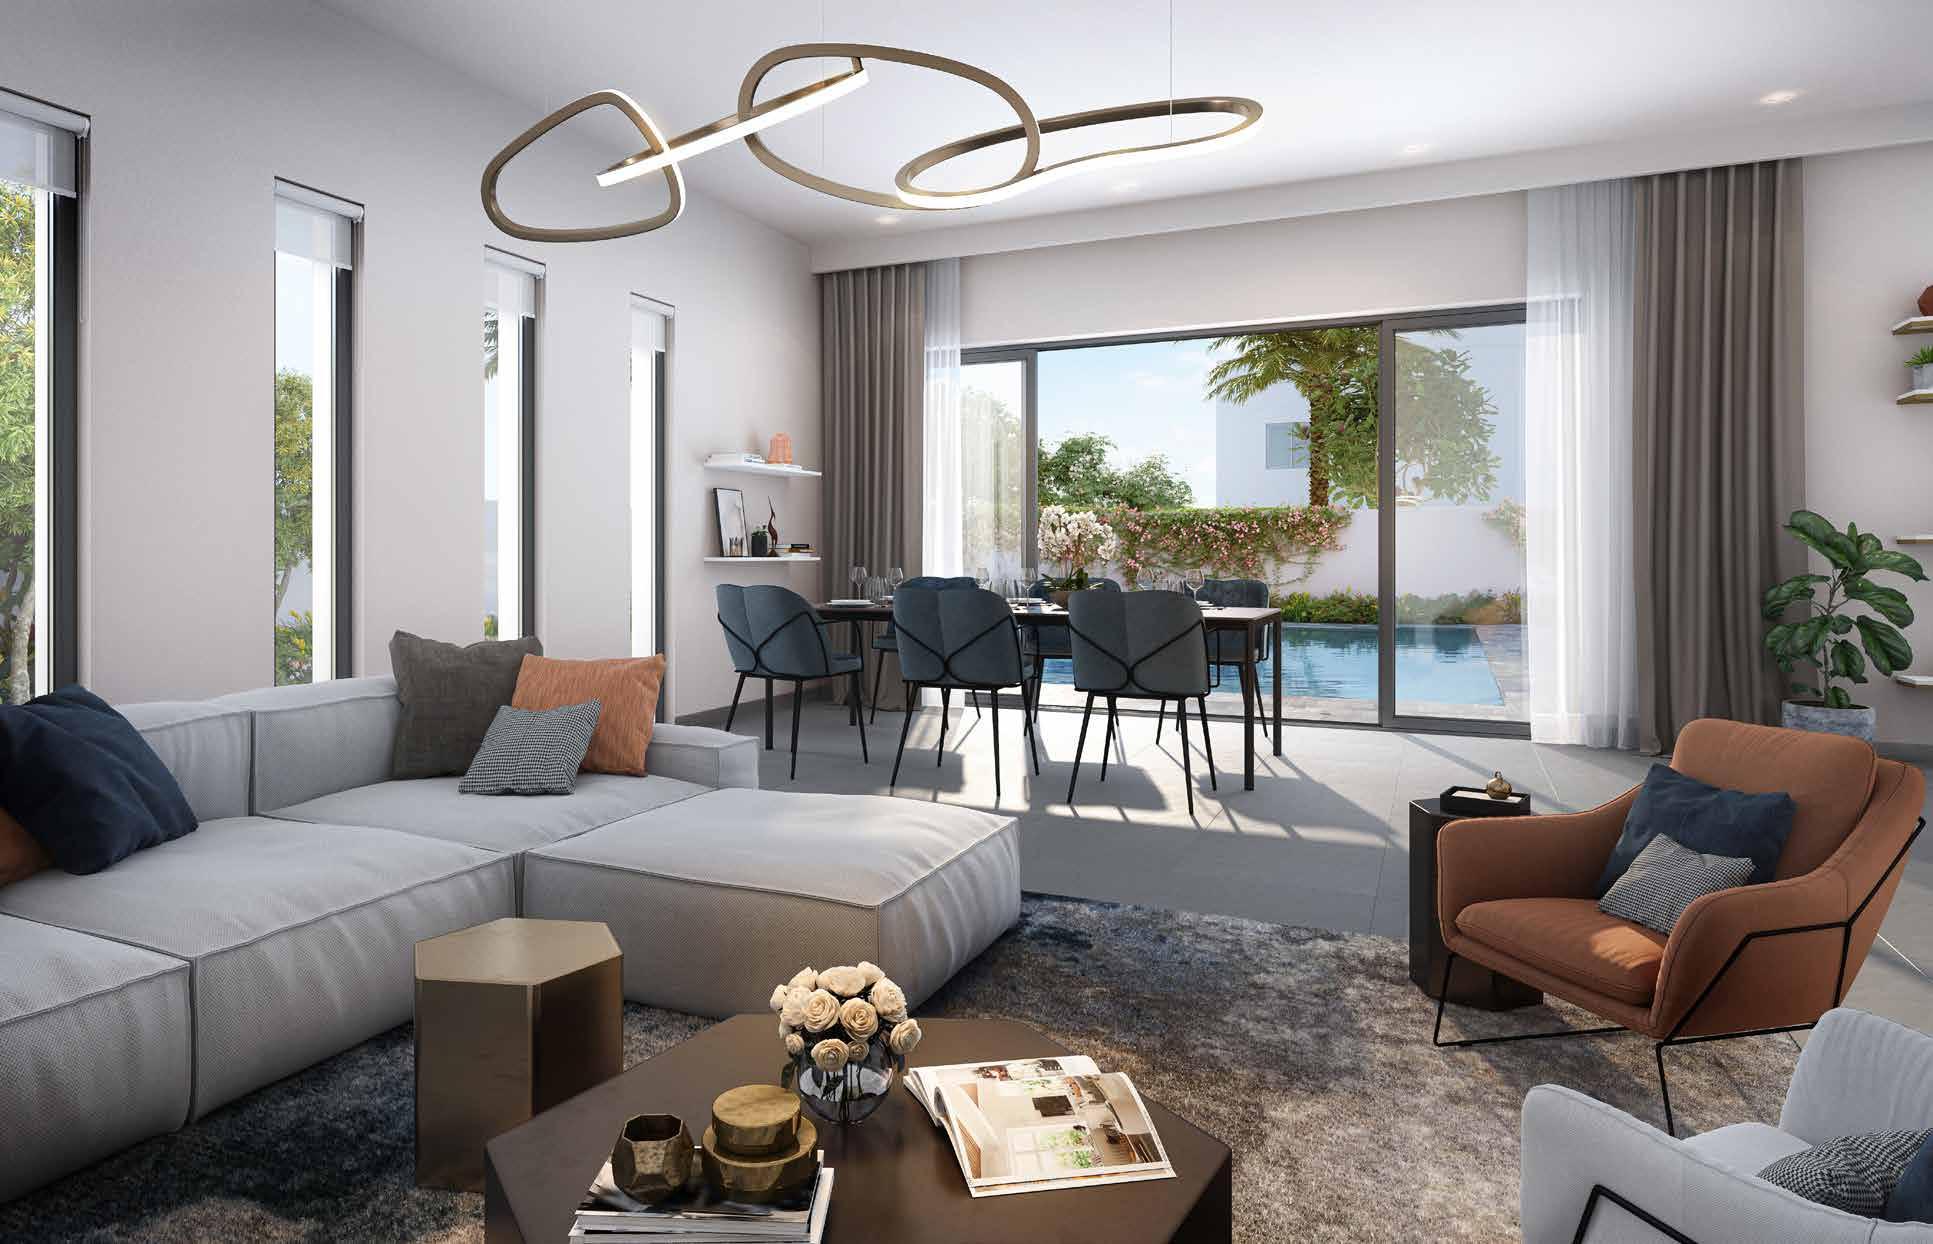 Noya Luma by Aldar on Yas Island. Premium villas for sale in Abu Dhabi 3 3